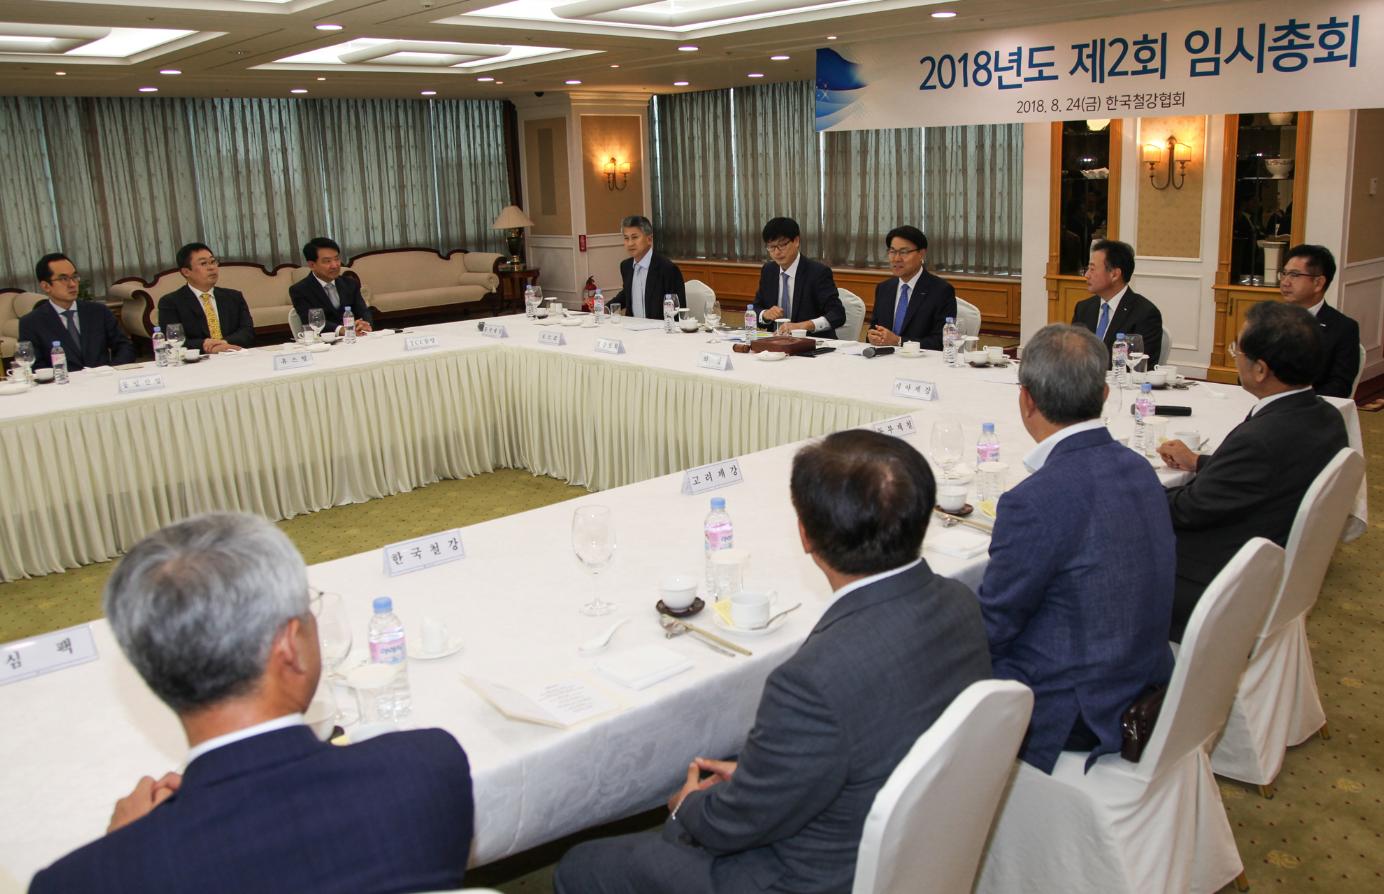 2018년도 제2회 임시총회 포스코센터 서관 18층 스틸클럽에서 한국철강협회 회원사 대표들이 모여 임시 총회를 하고 있다.